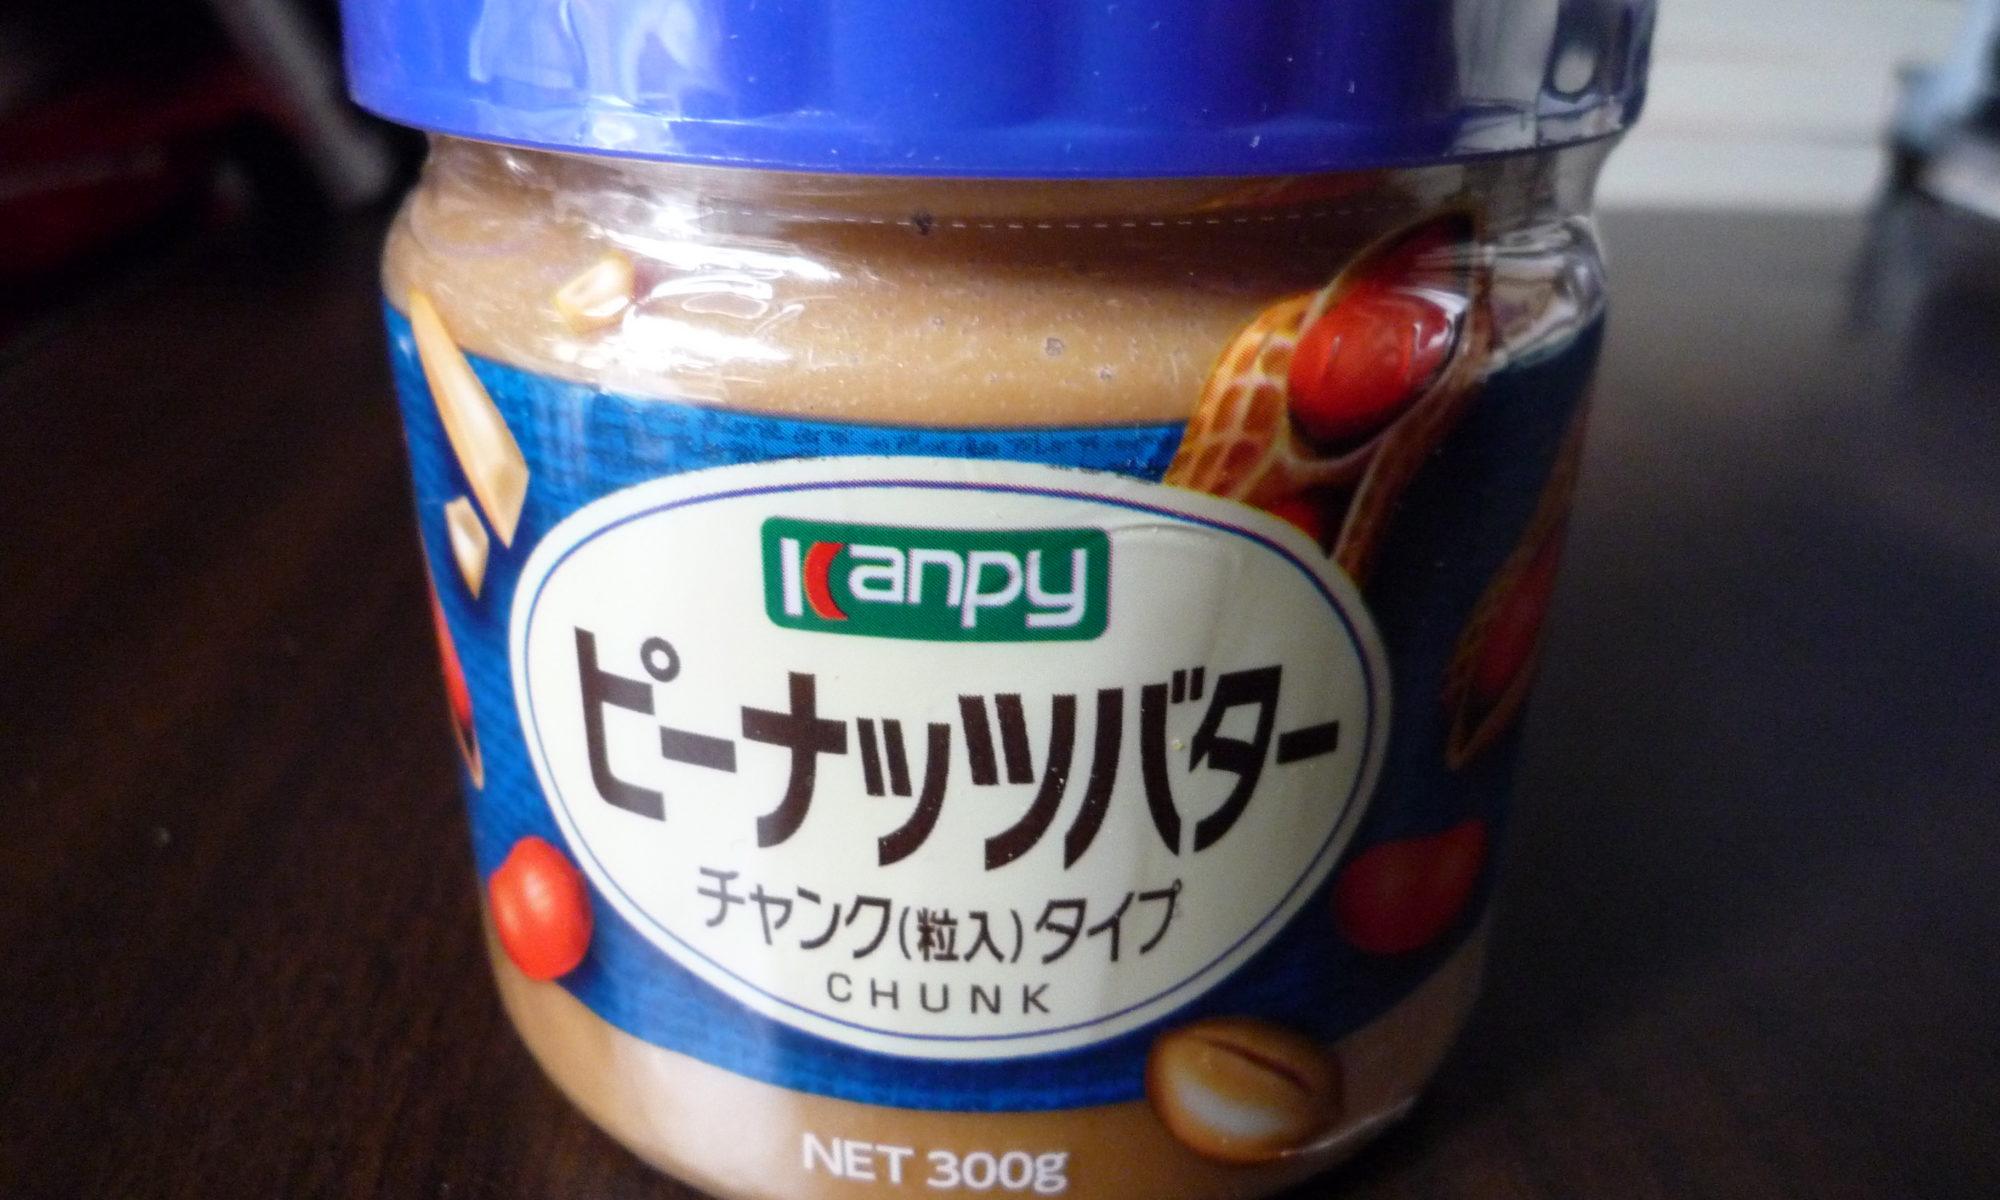 カンピー ピーナッツバターチャンク